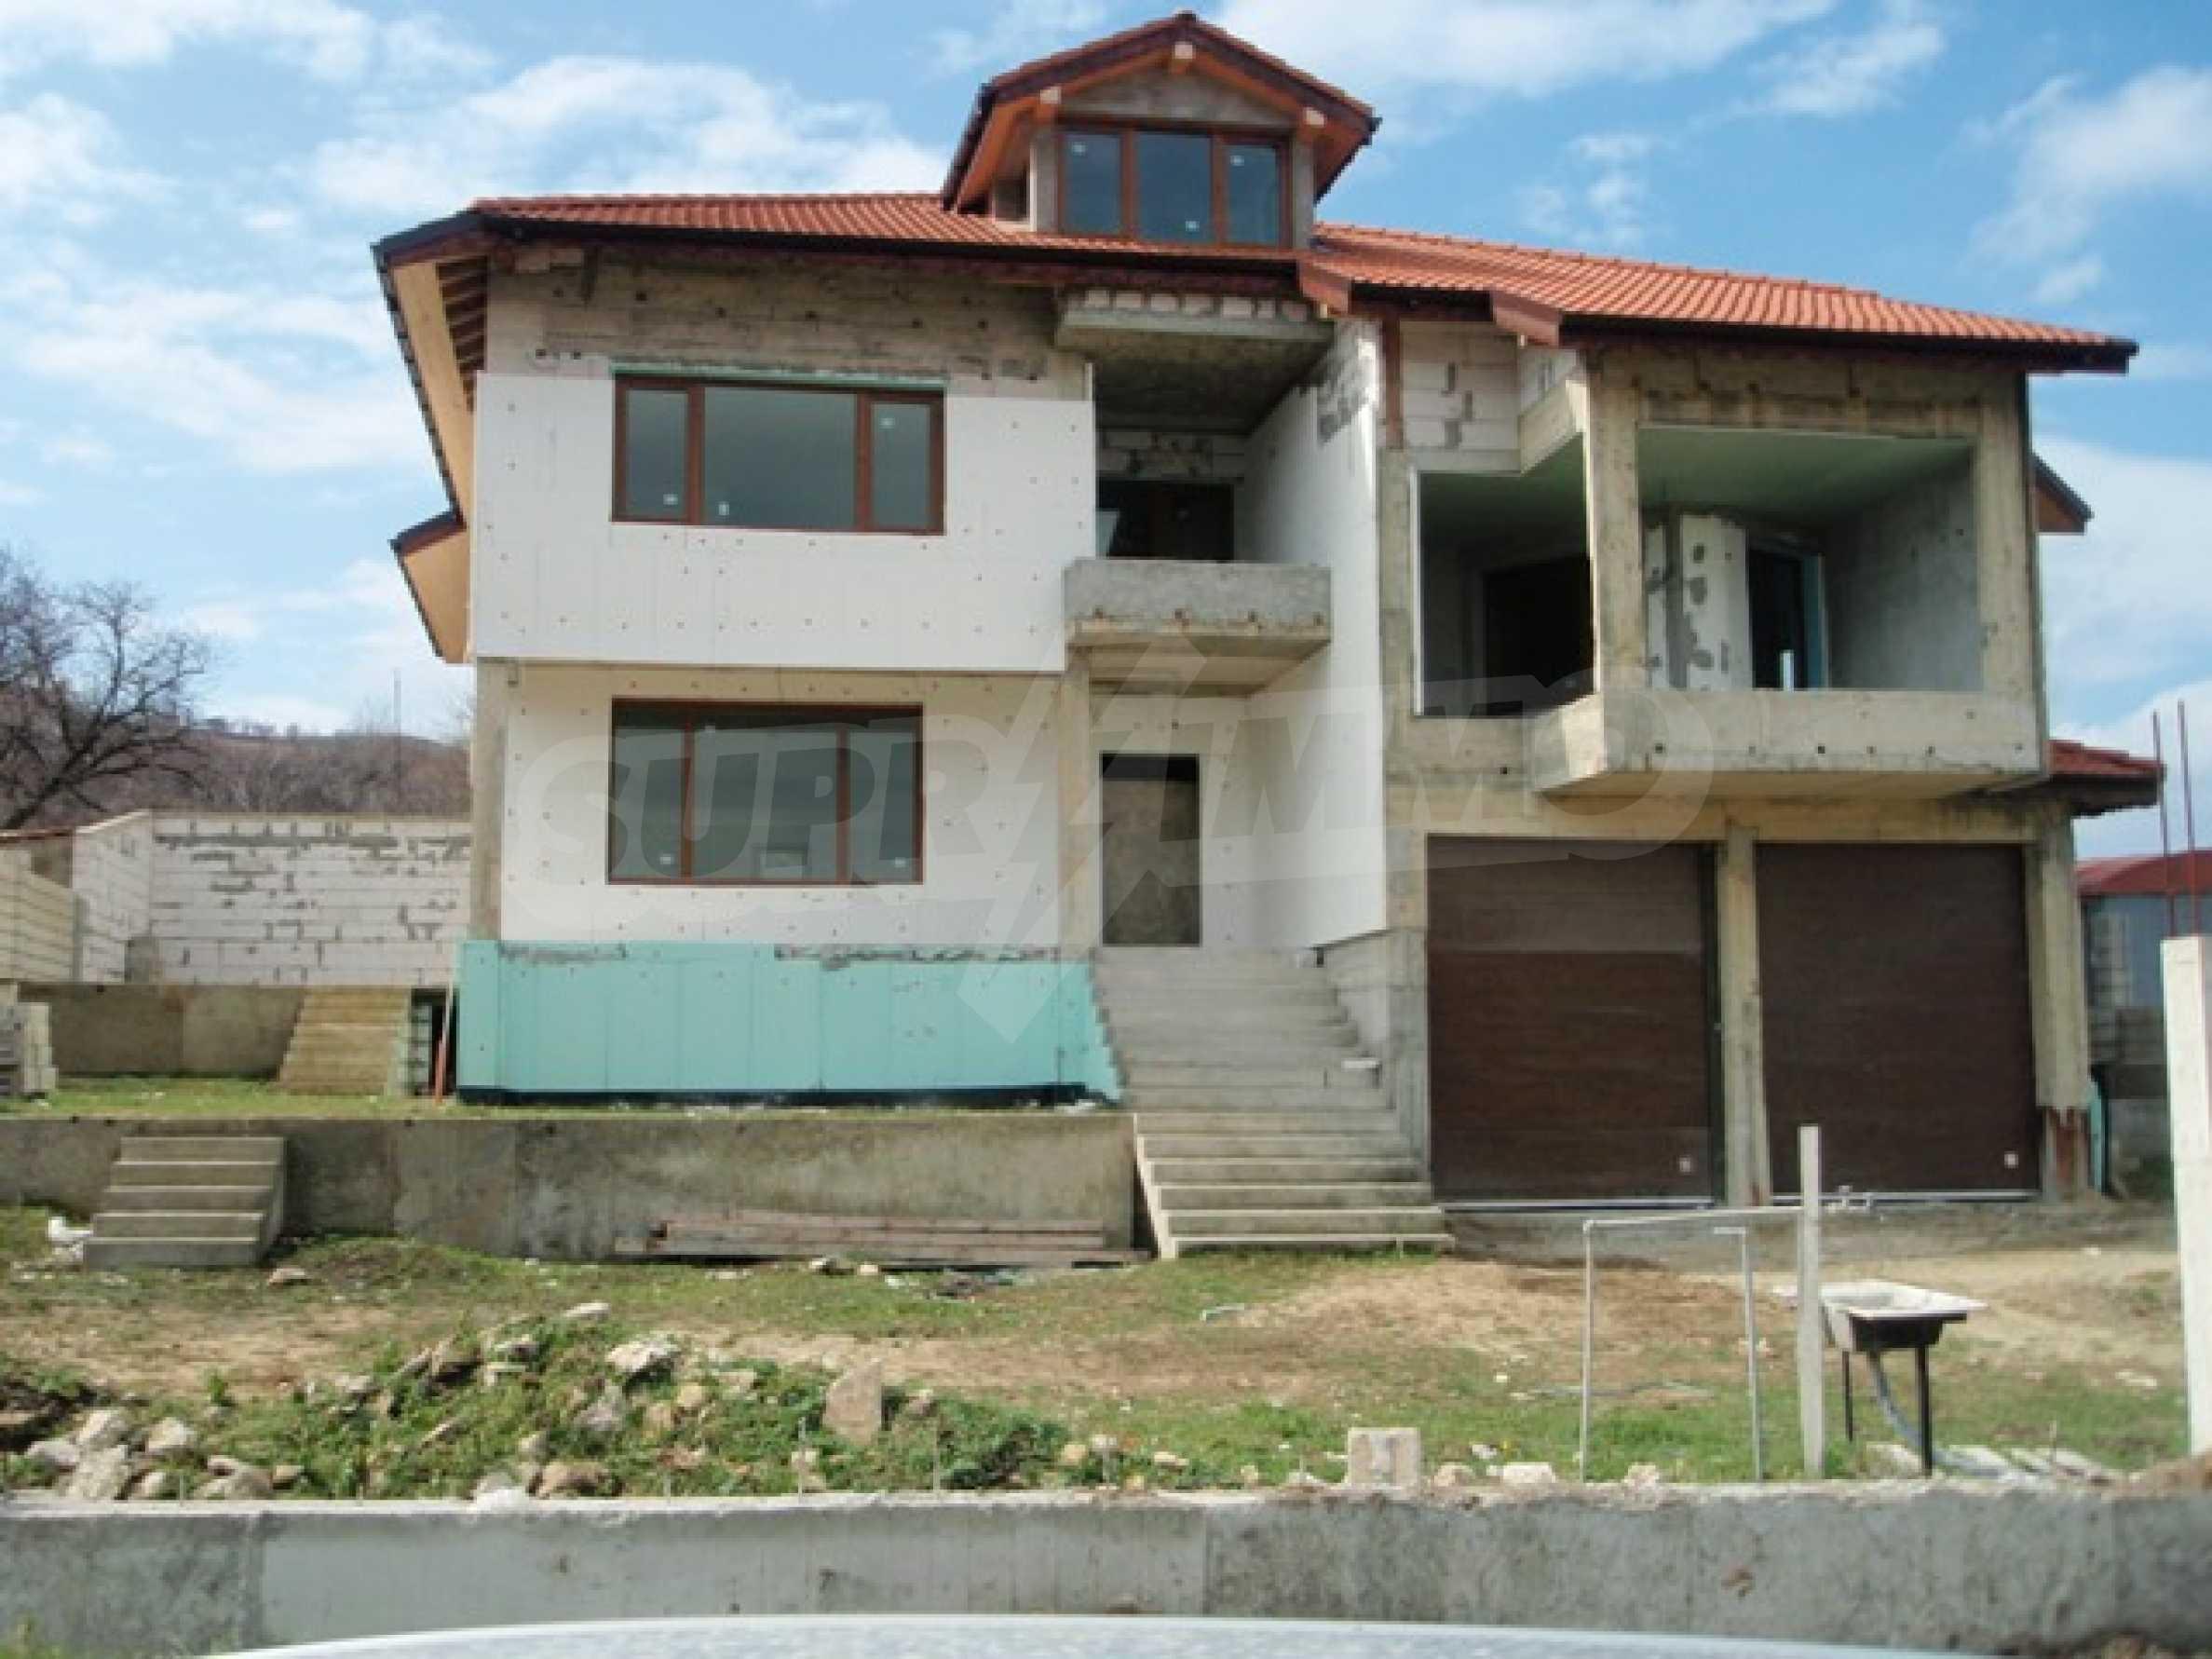 Rural house near the sea 1